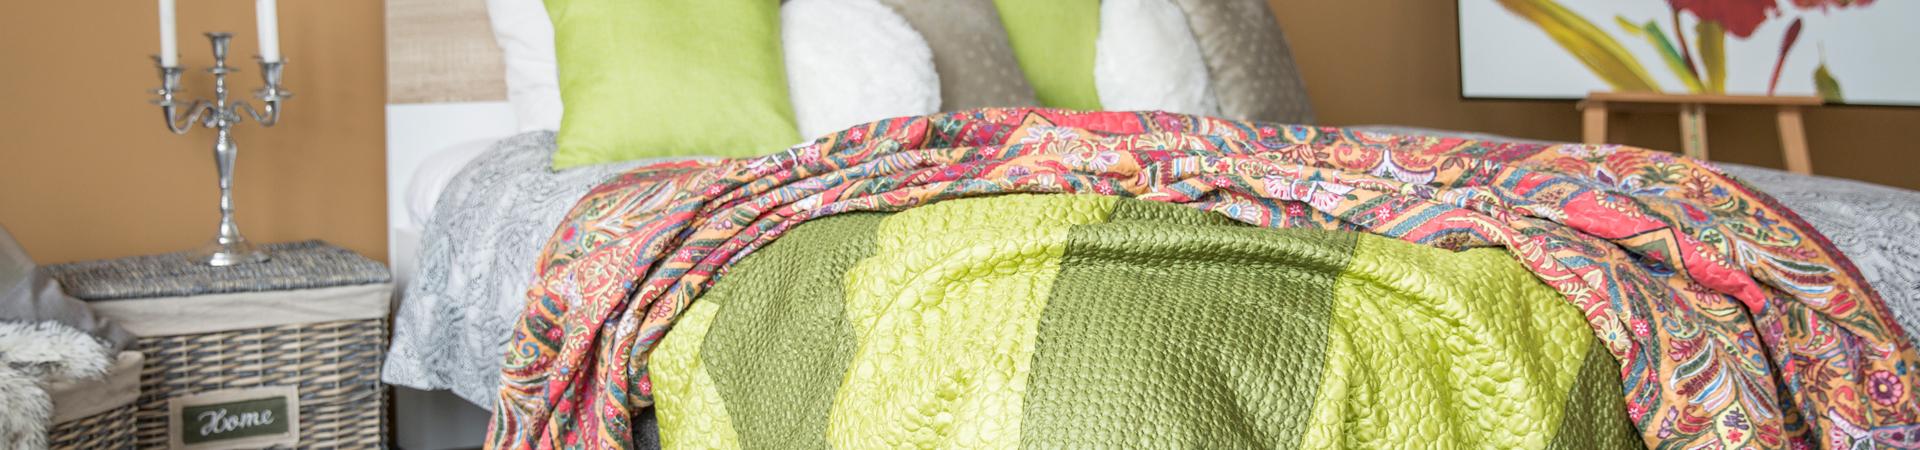 Lovatiesės ir antklodės